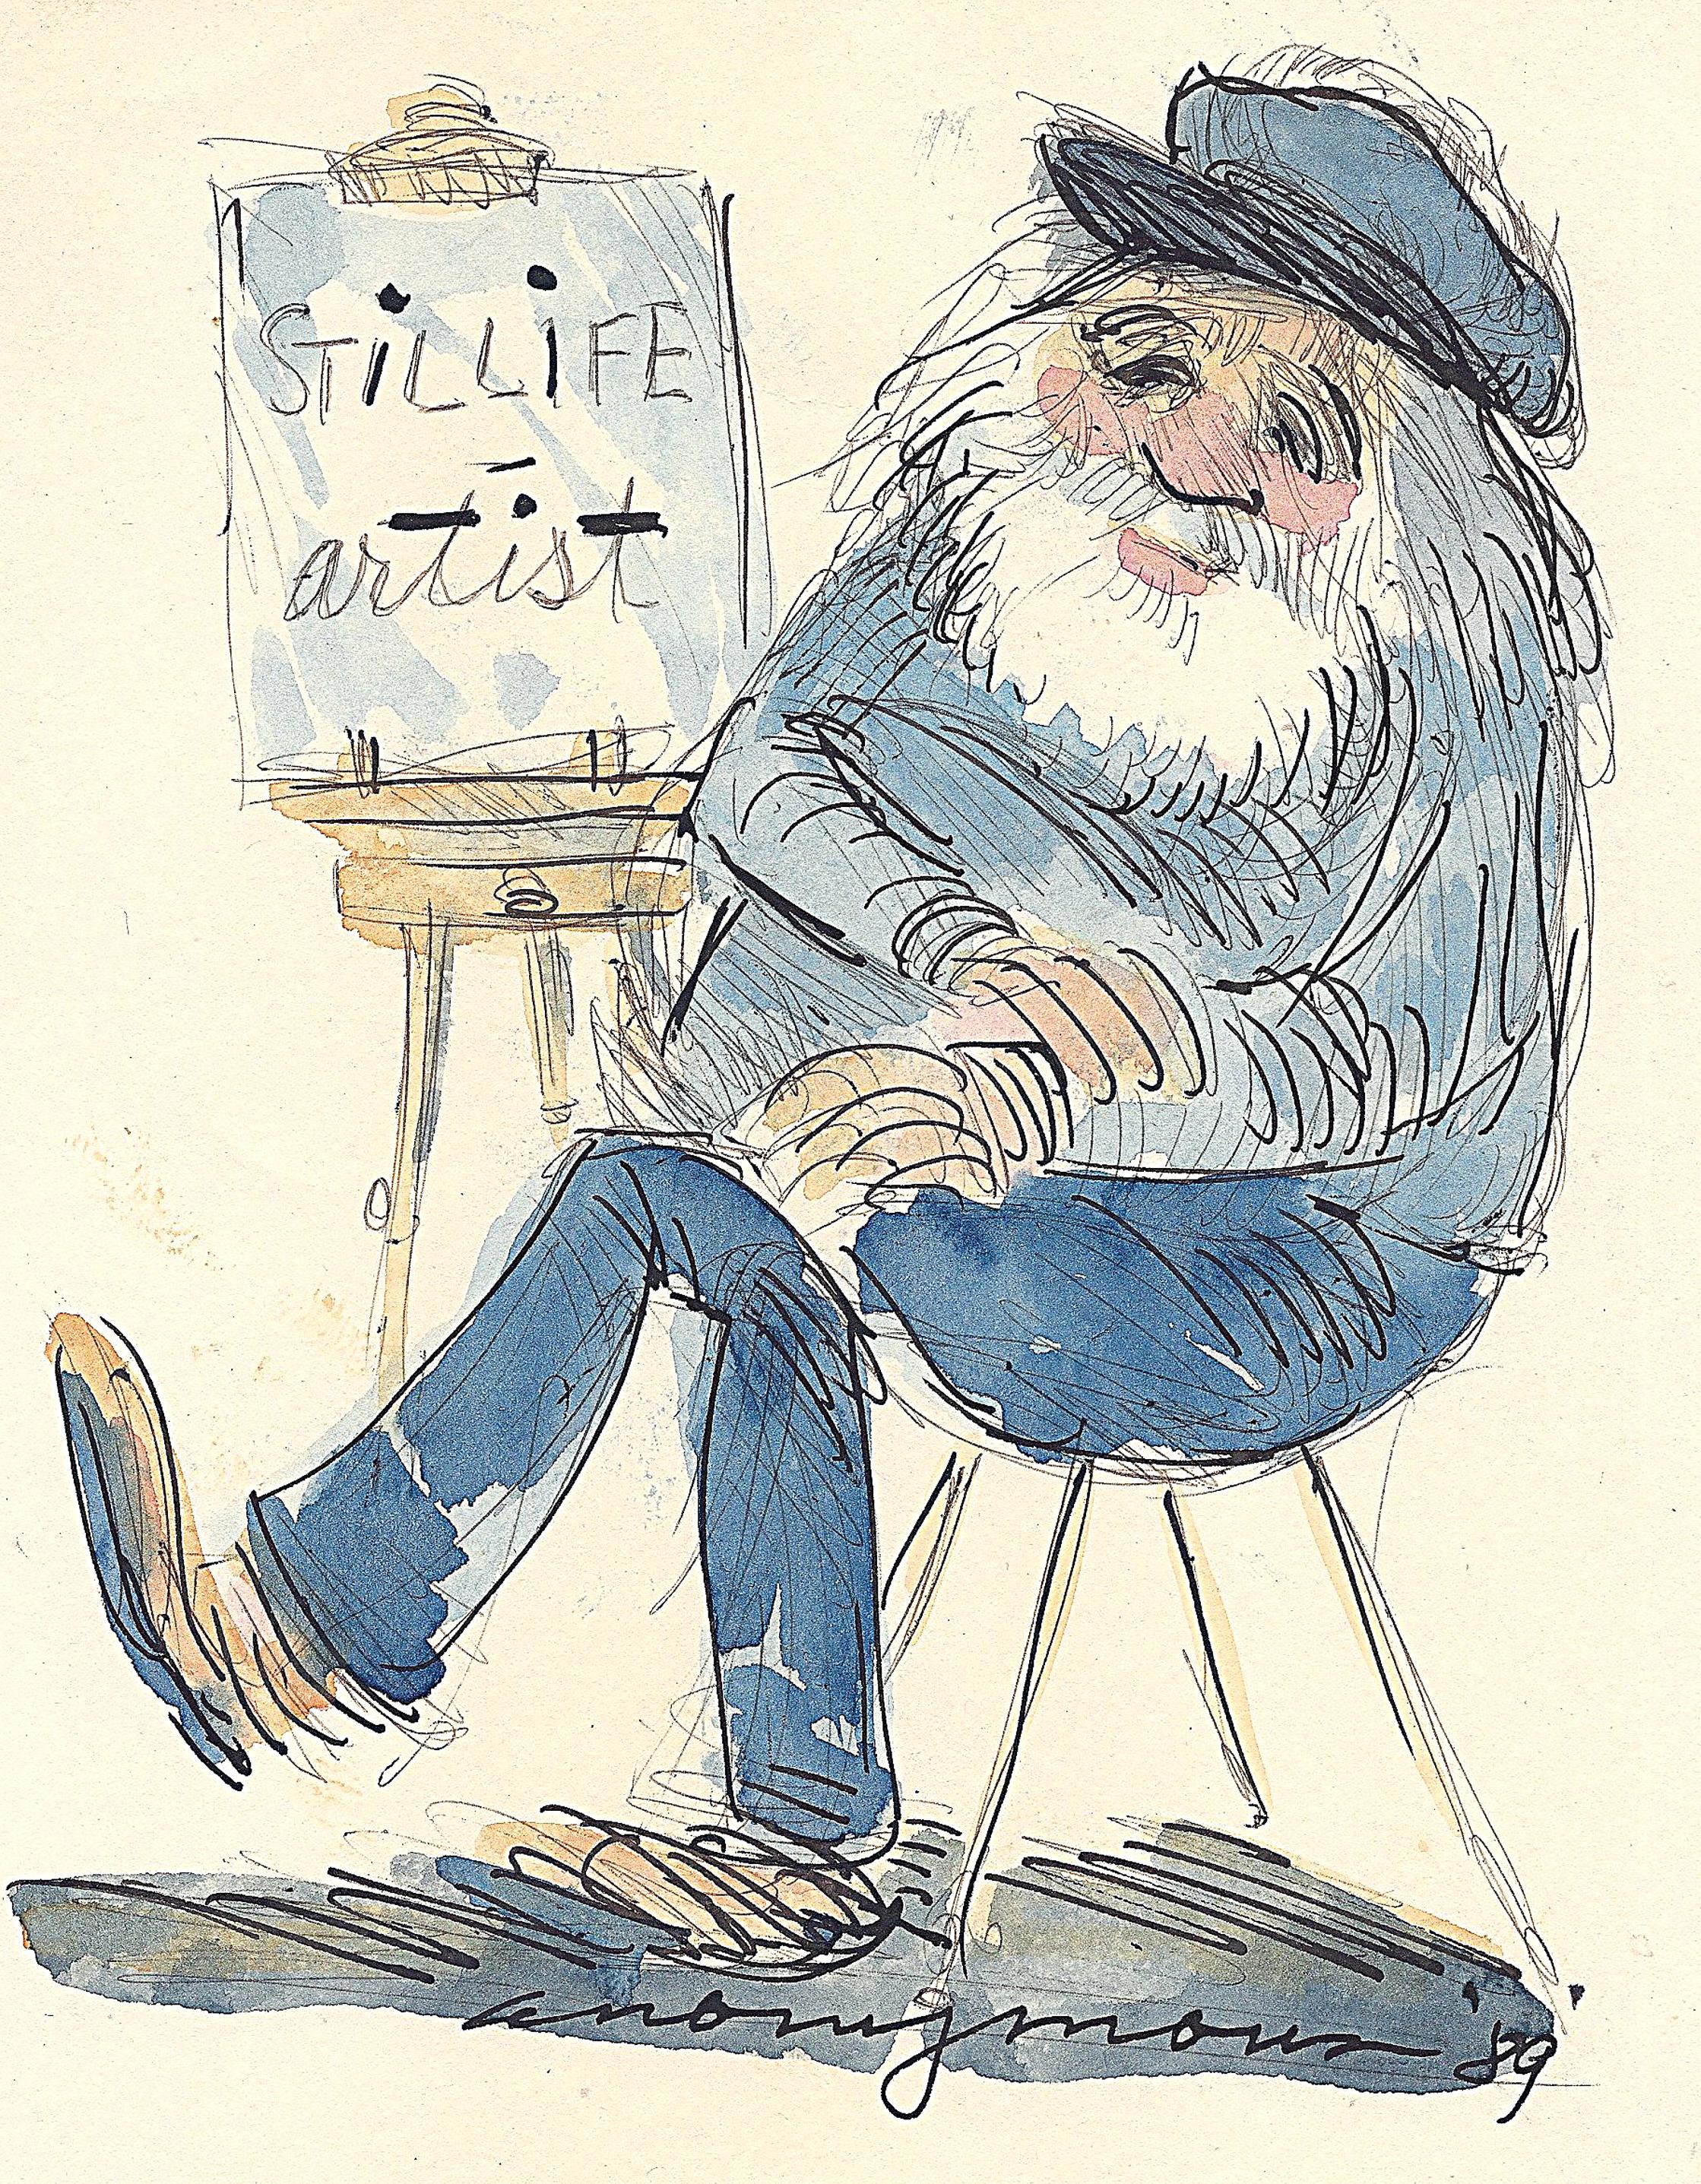 Still Life Artist, sketchbook entry